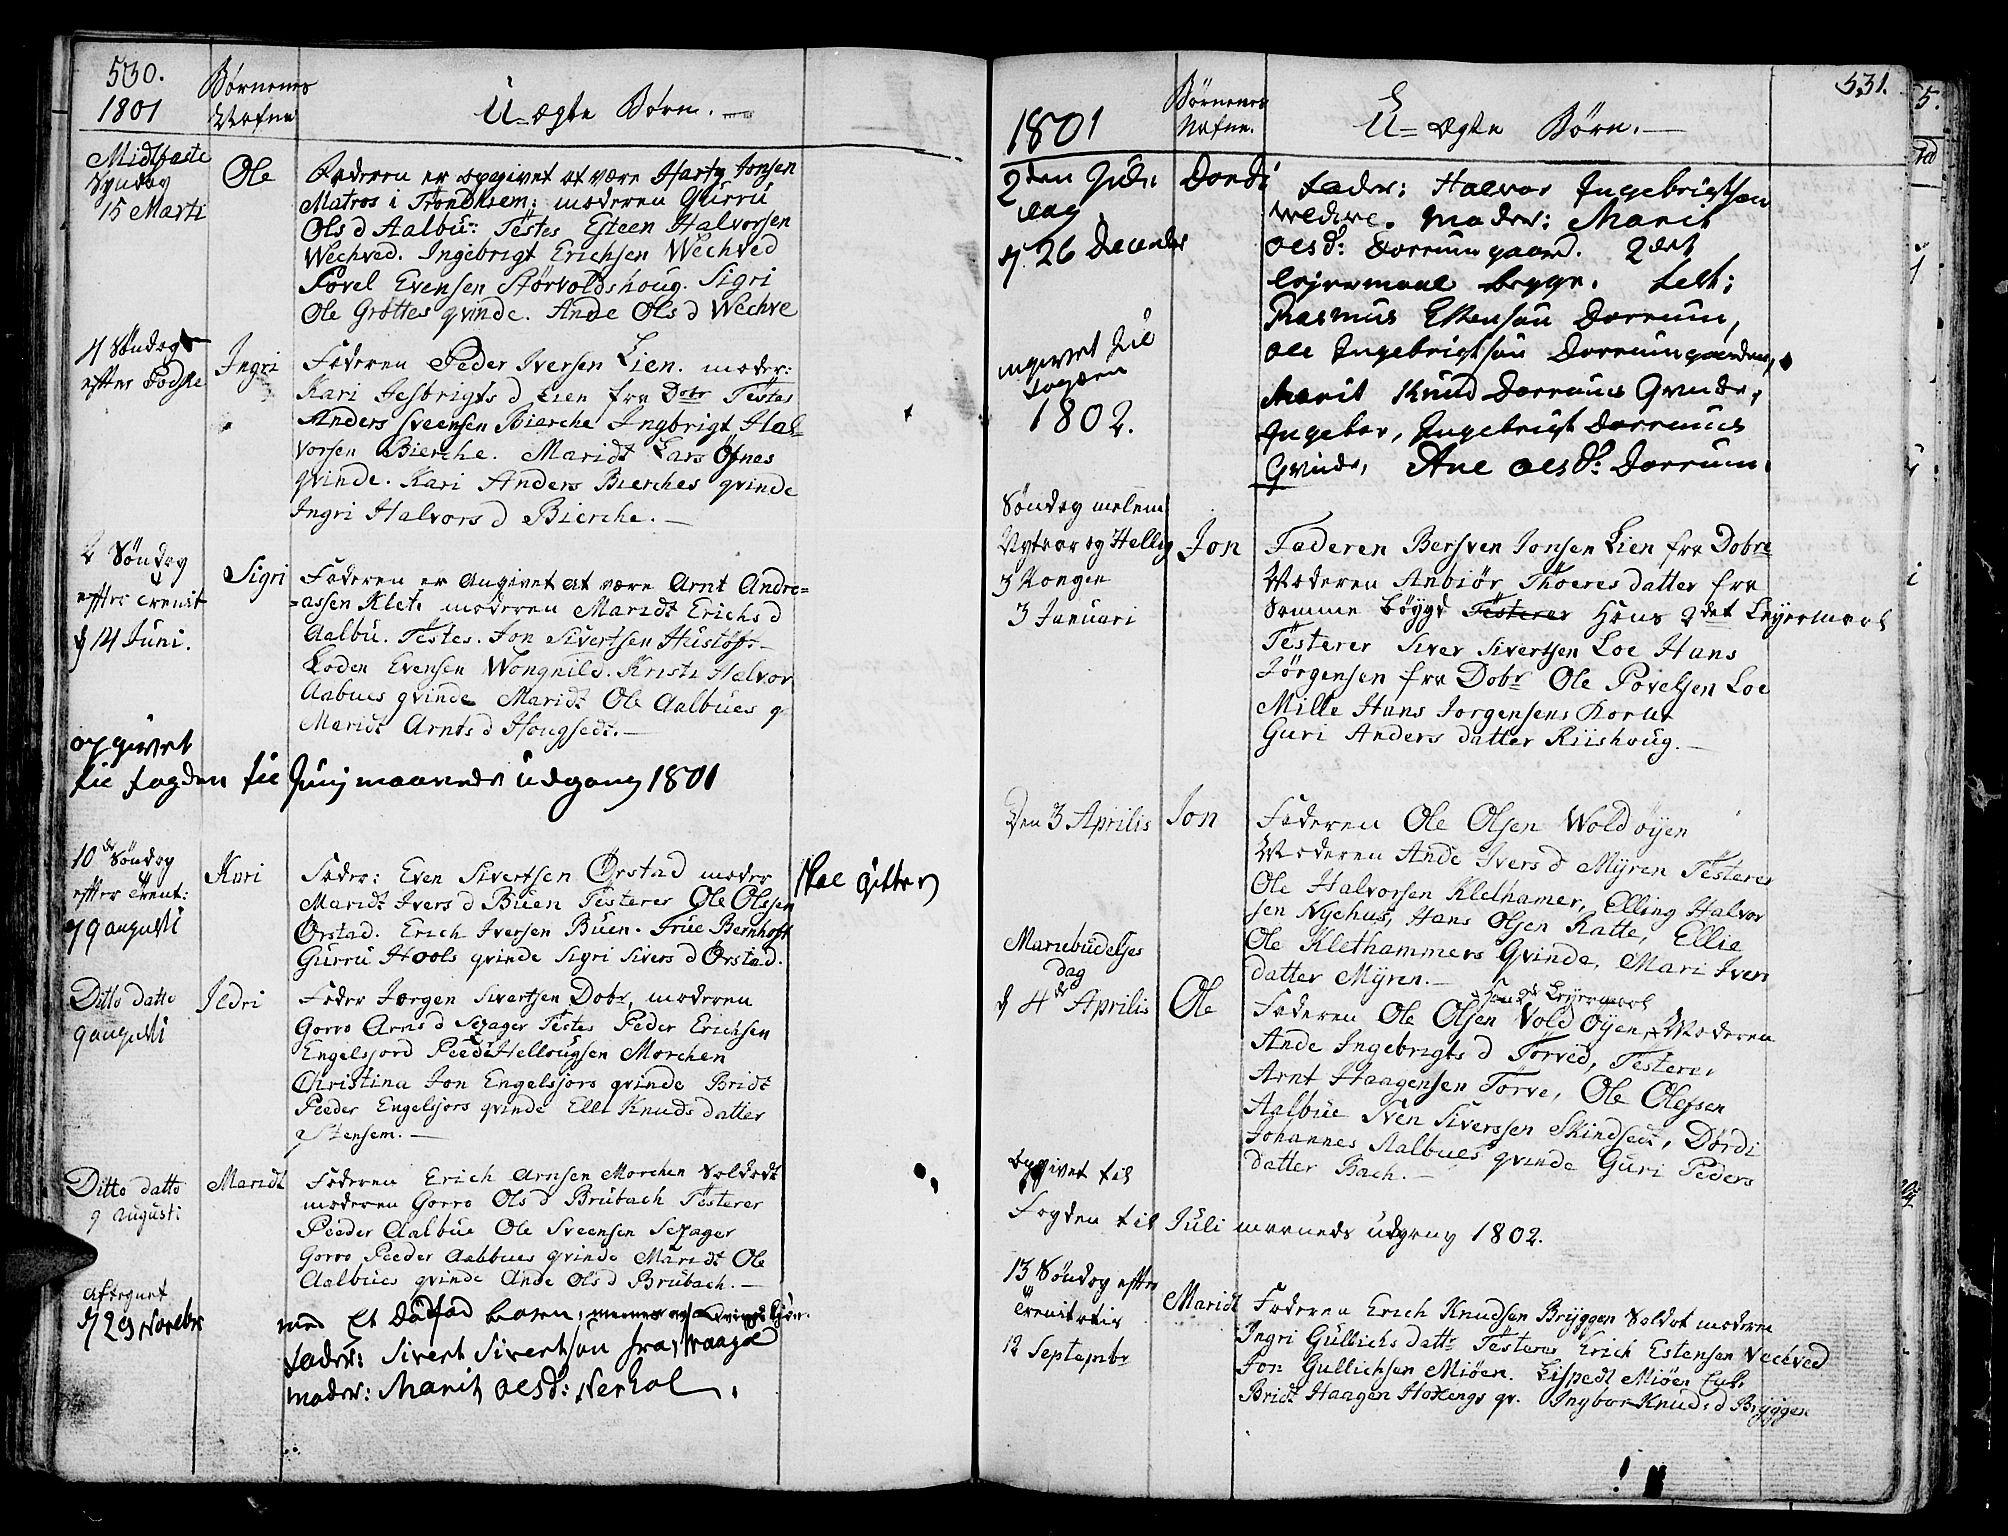 SAT, Ministerialprotokoller, klokkerbøker og fødselsregistre - Sør-Trøndelag, 678/L0893: Ministerialbok nr. 678A03, 1792-1805, s. 530-531